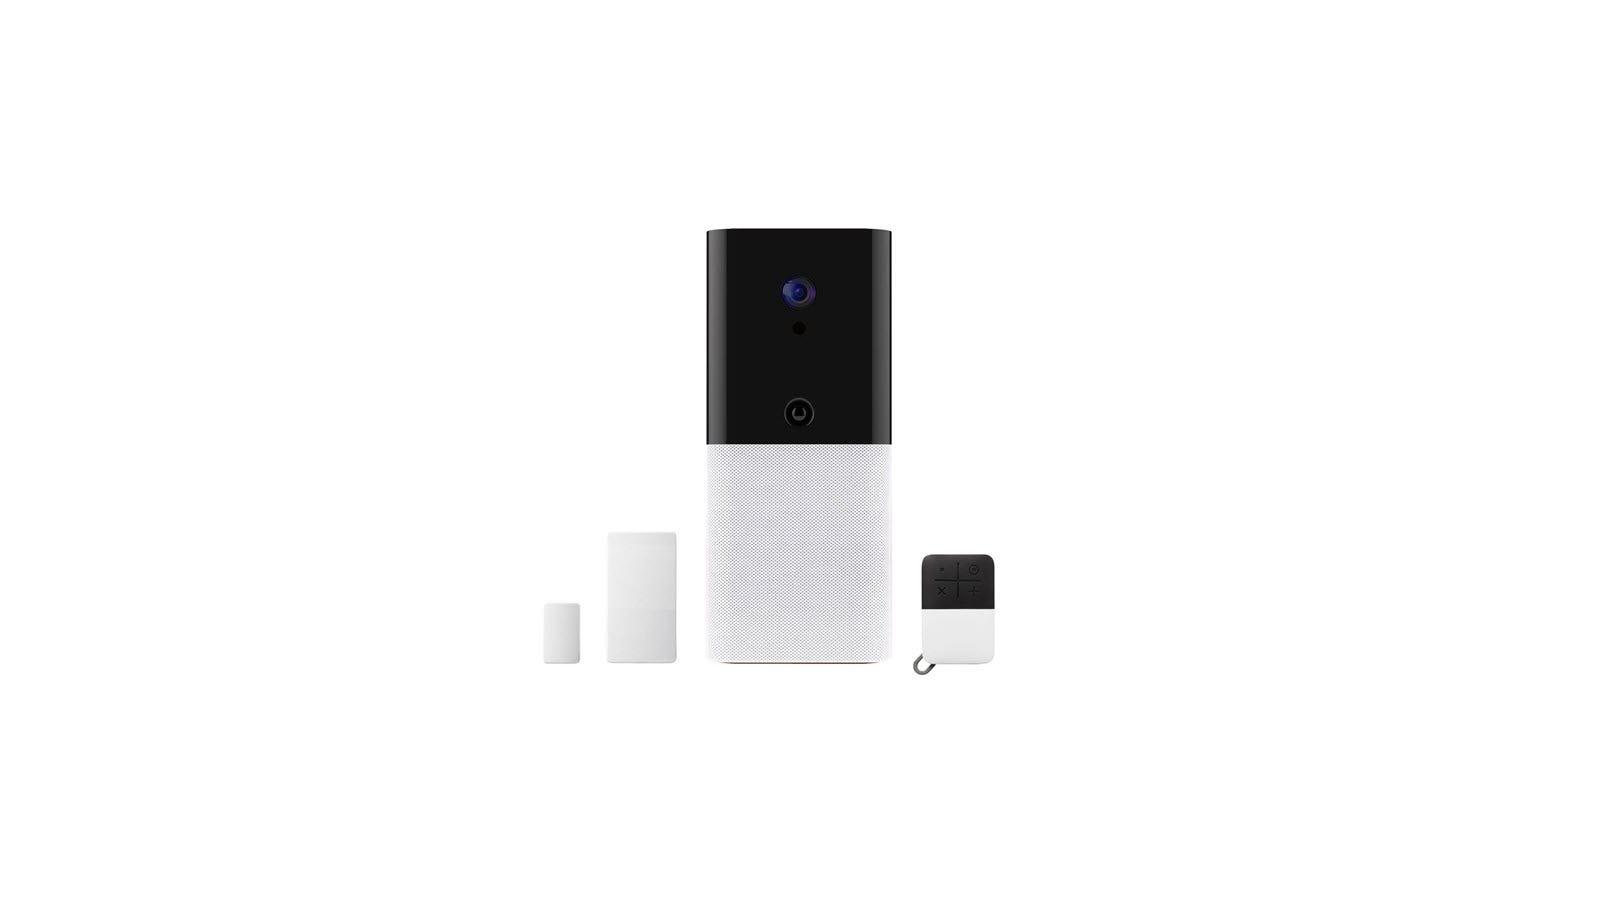 An Abode iota hub with keyfob, and contact sensor.